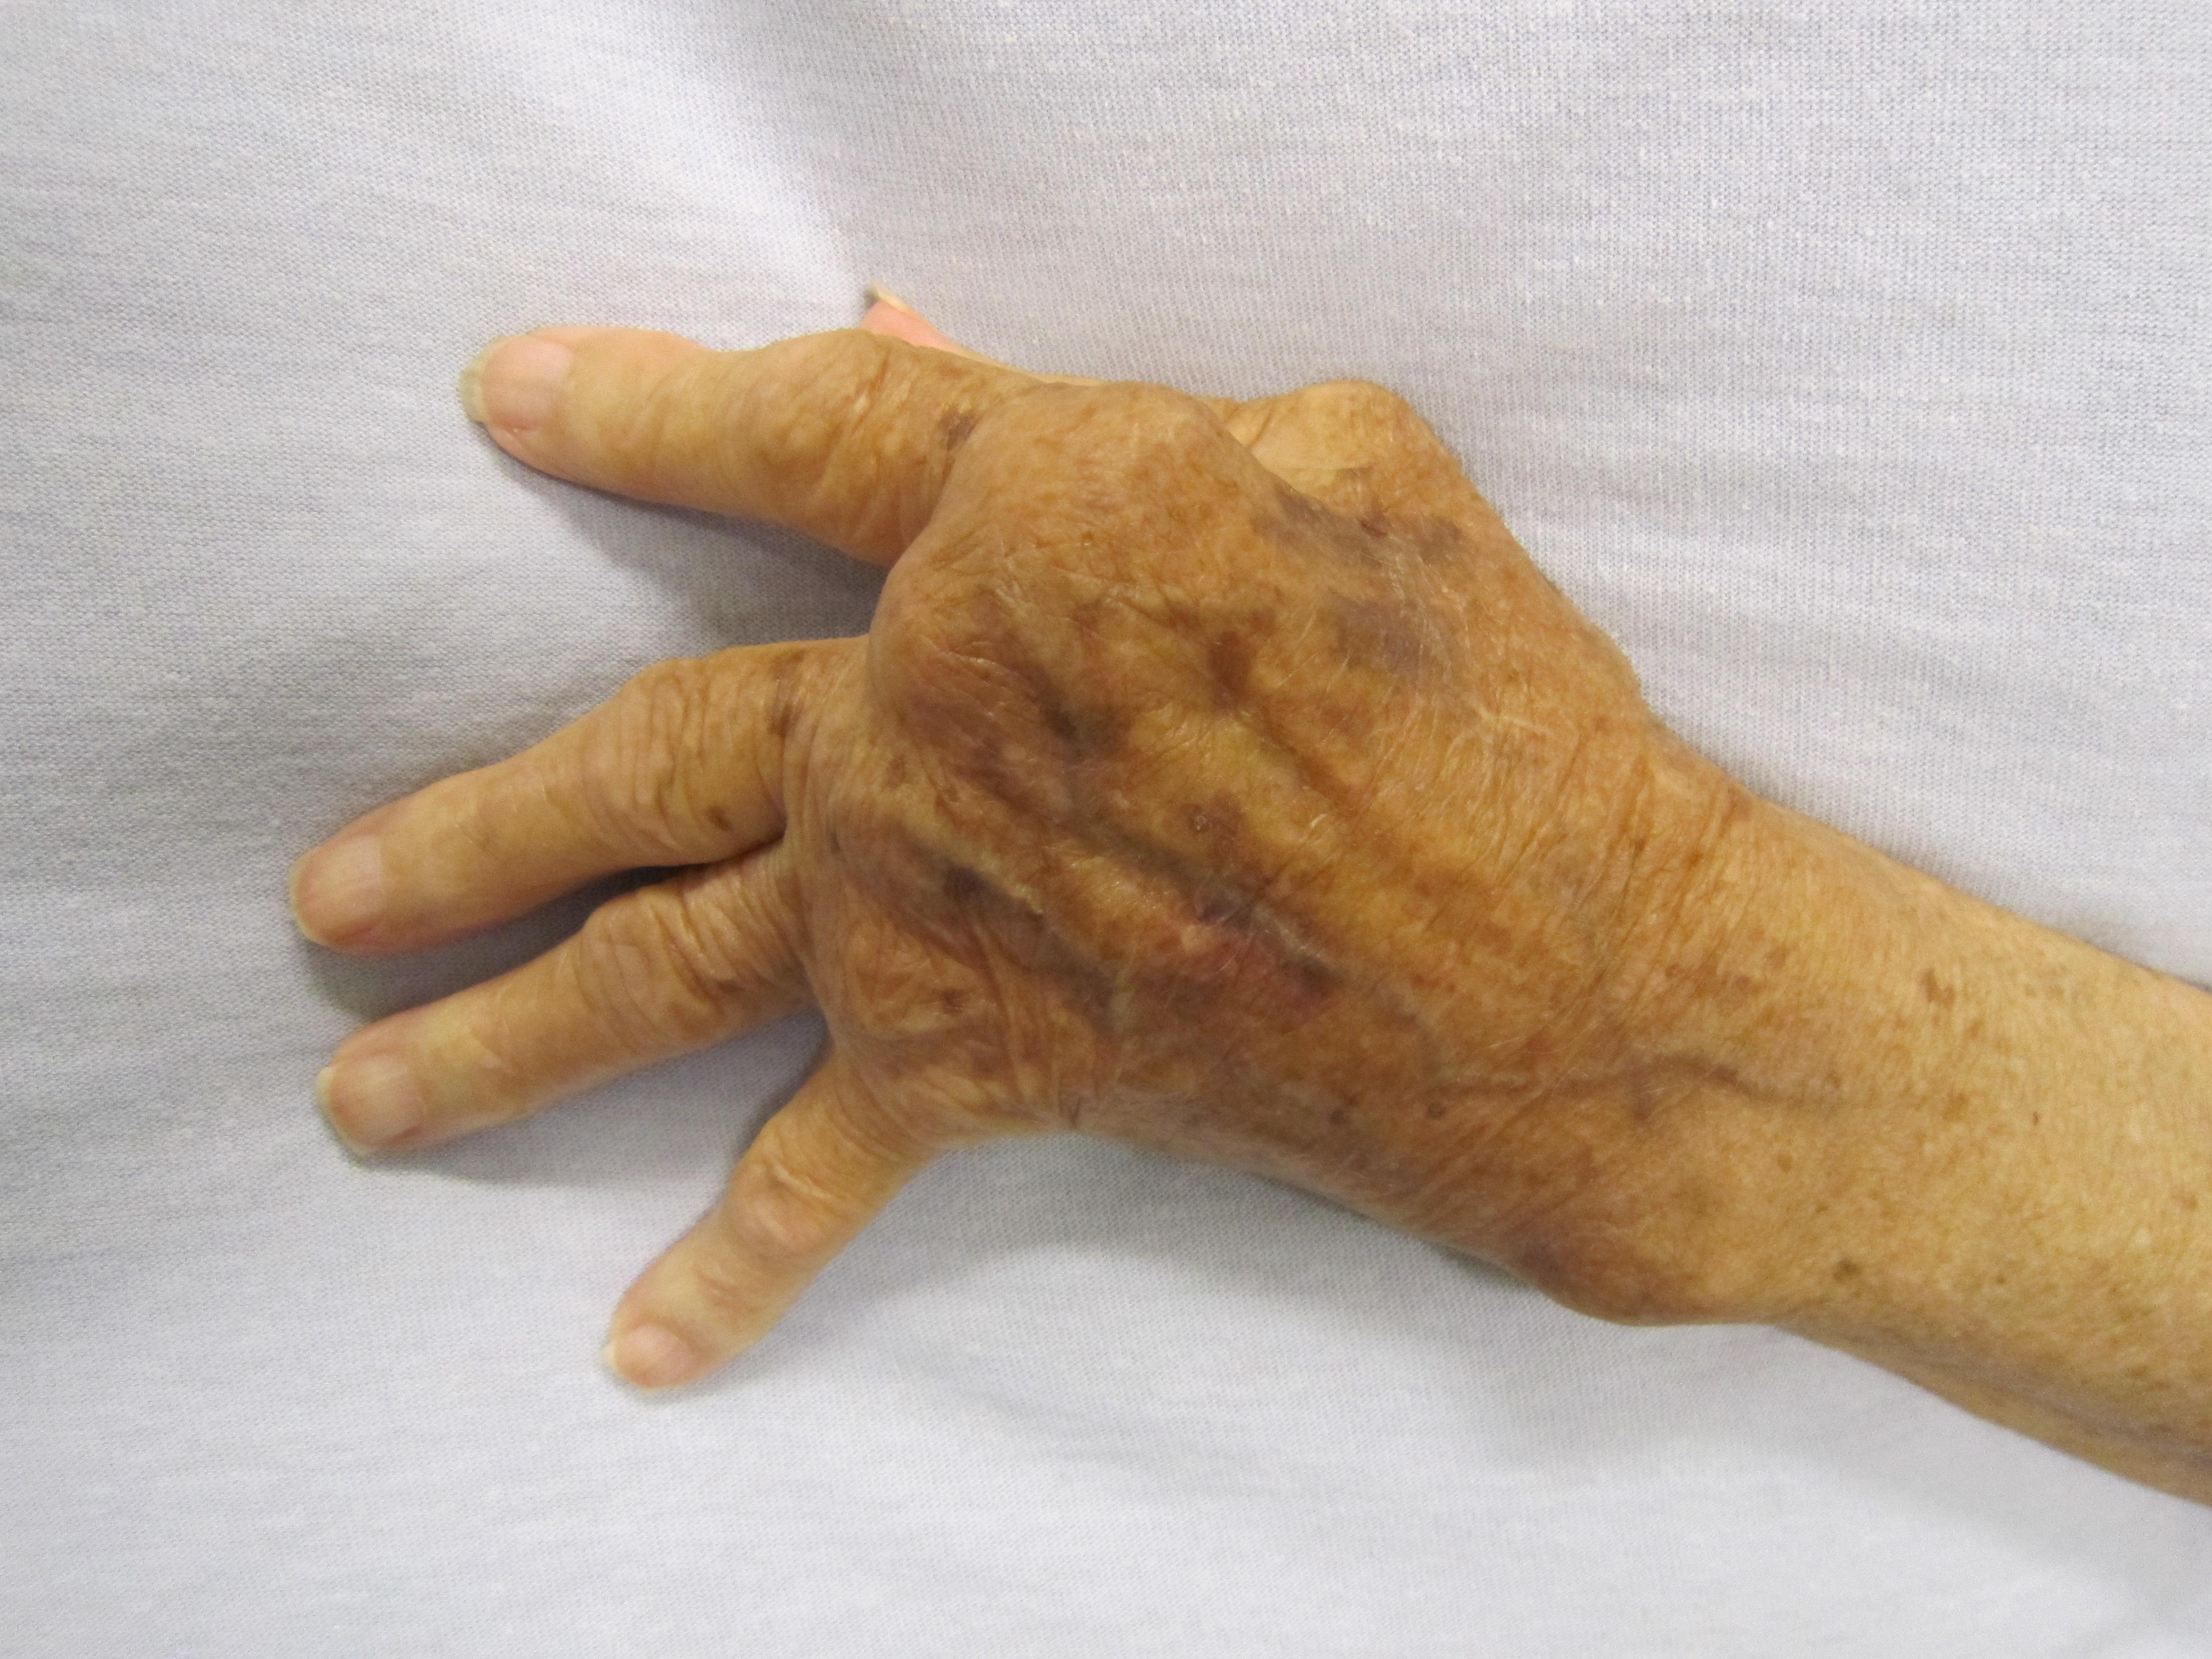 fájdalom az ujjak és a csigolyák ízületeiben)